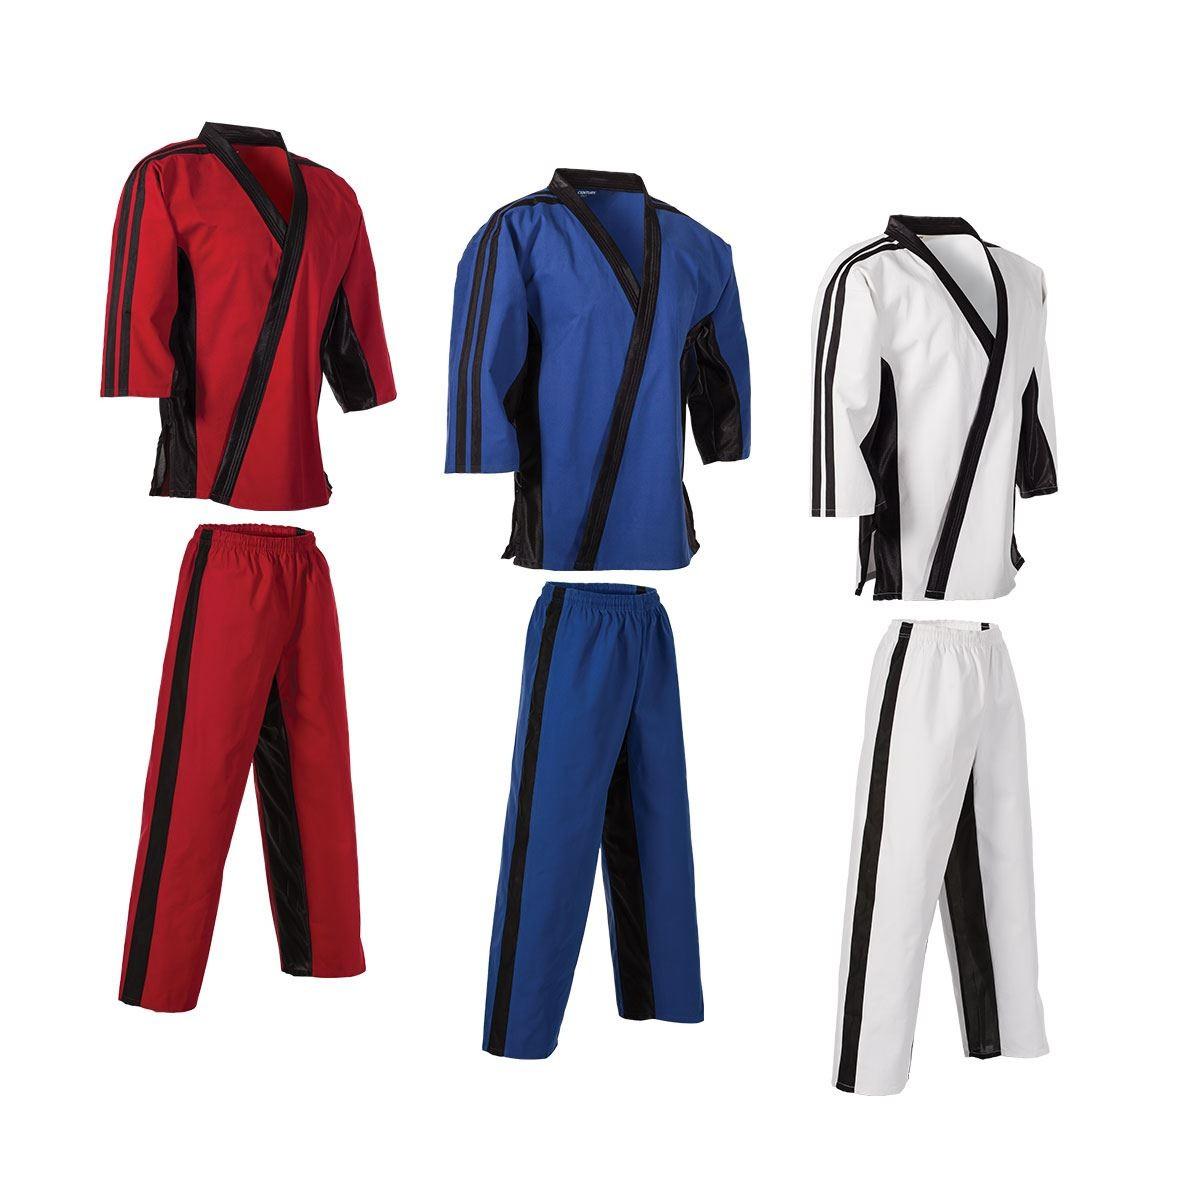 Century Martial Arts 10 oz. Crossover Uniform